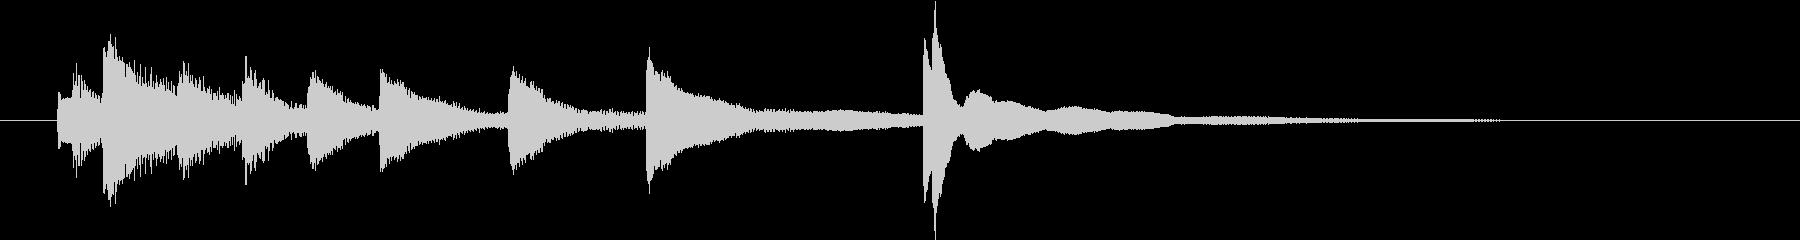 ピアノのジングルの未再生の波形